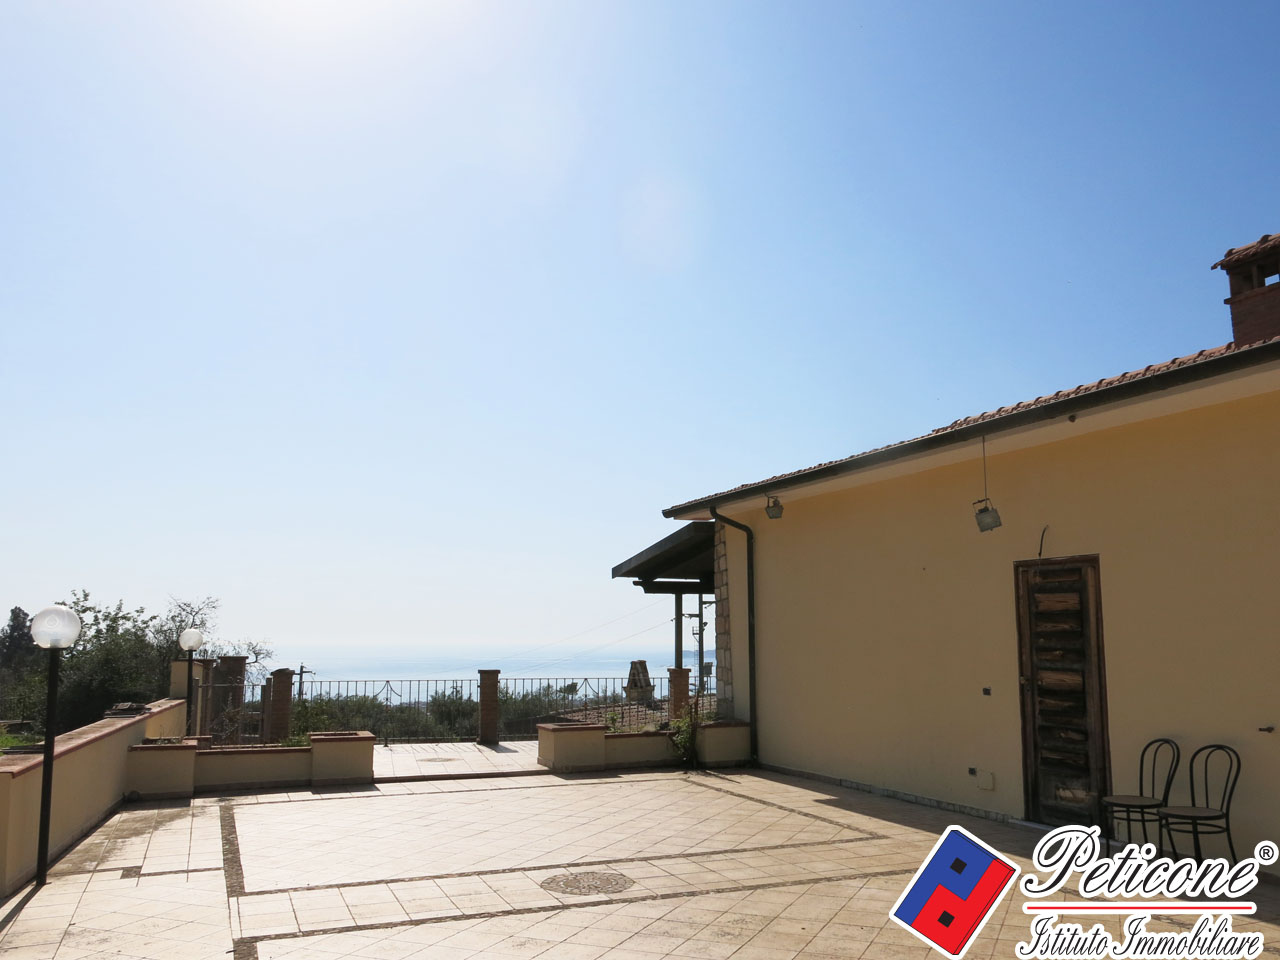 Villa in Vendita a Formia: 4 locali, 90 mq - Foto 3